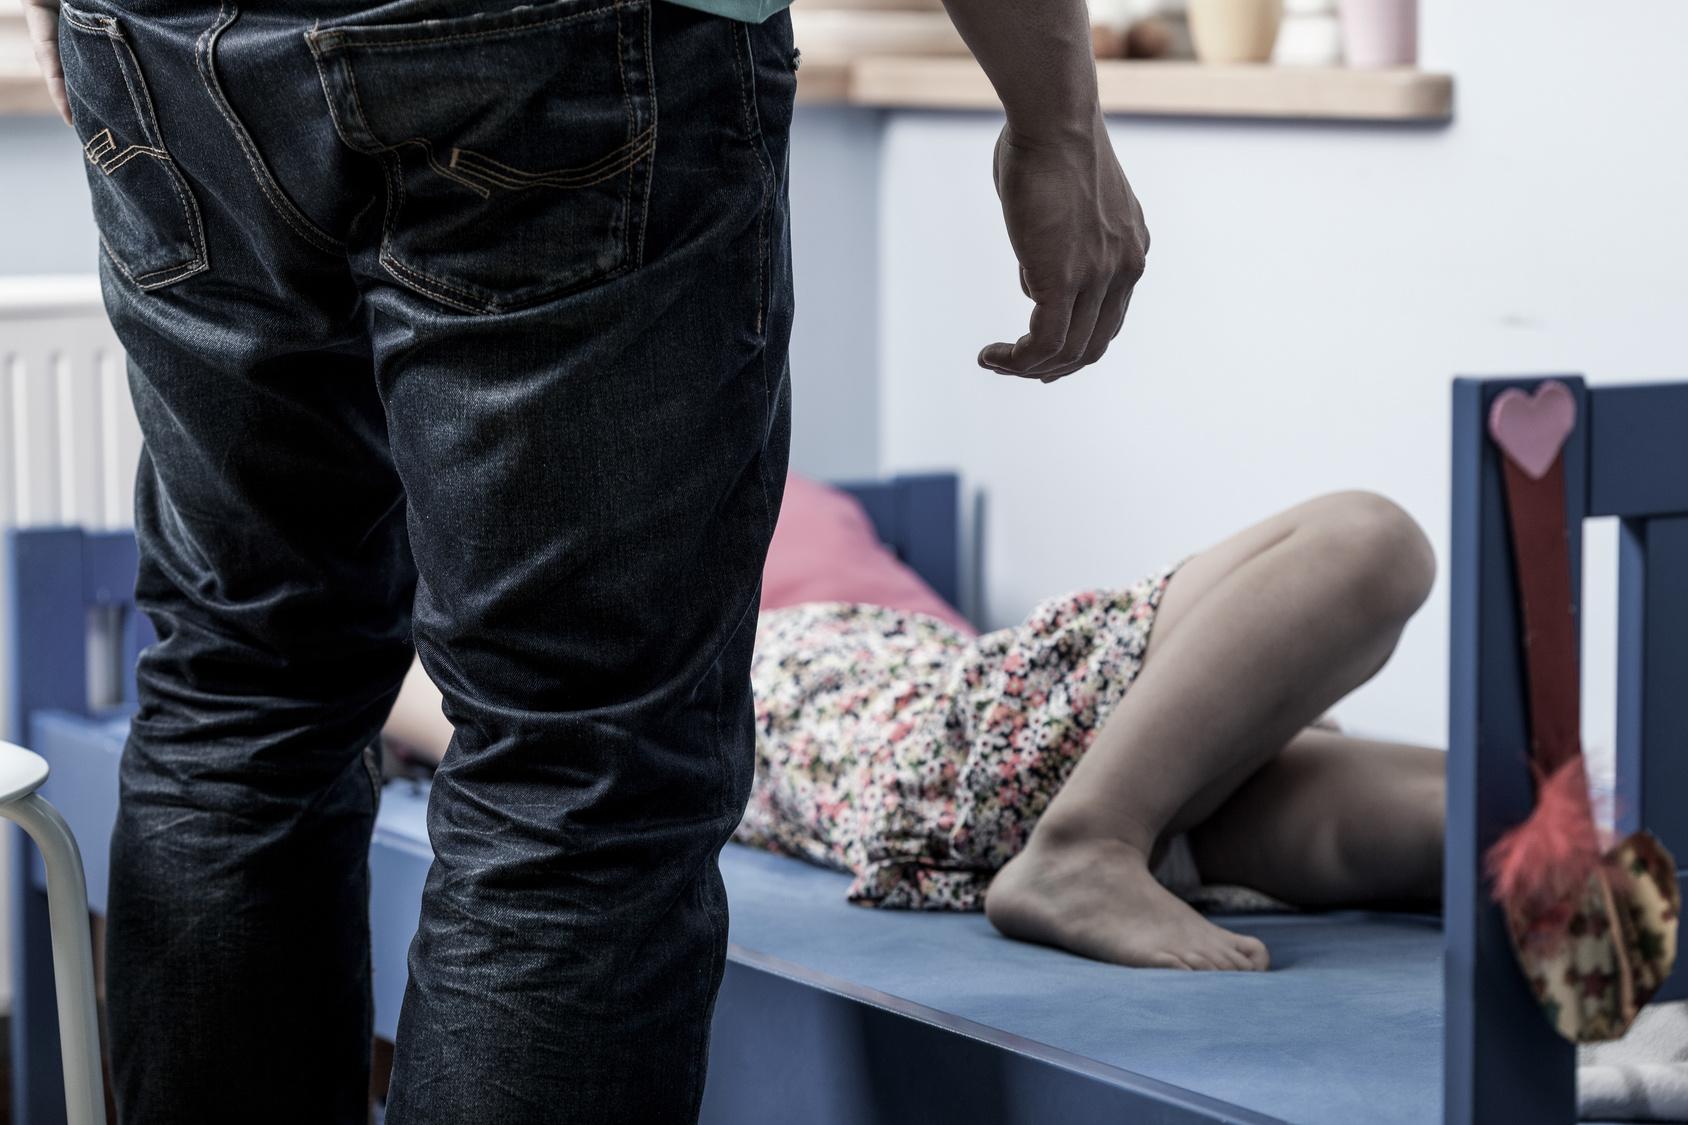 Weil er sie leiden sehen wollte Vater missbrauchte zweijährige Tochter